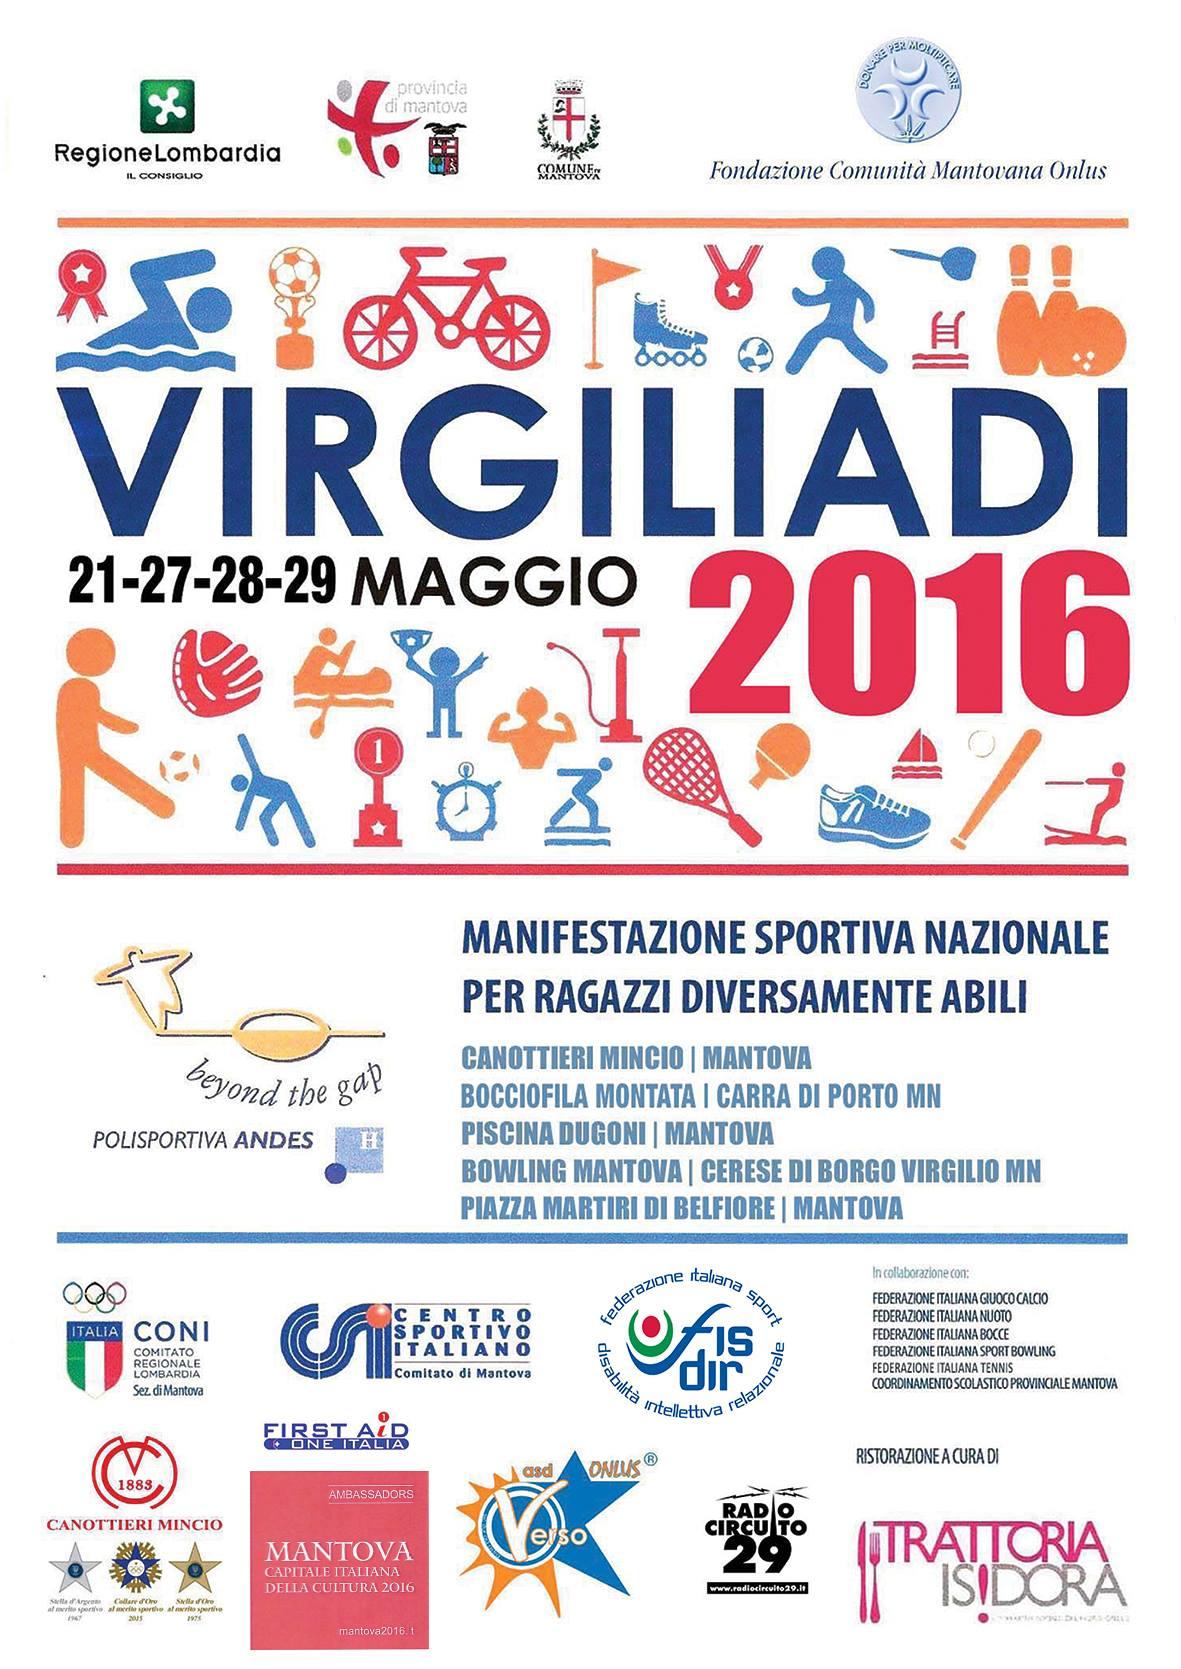 Volantino-Virgiliadi-2016